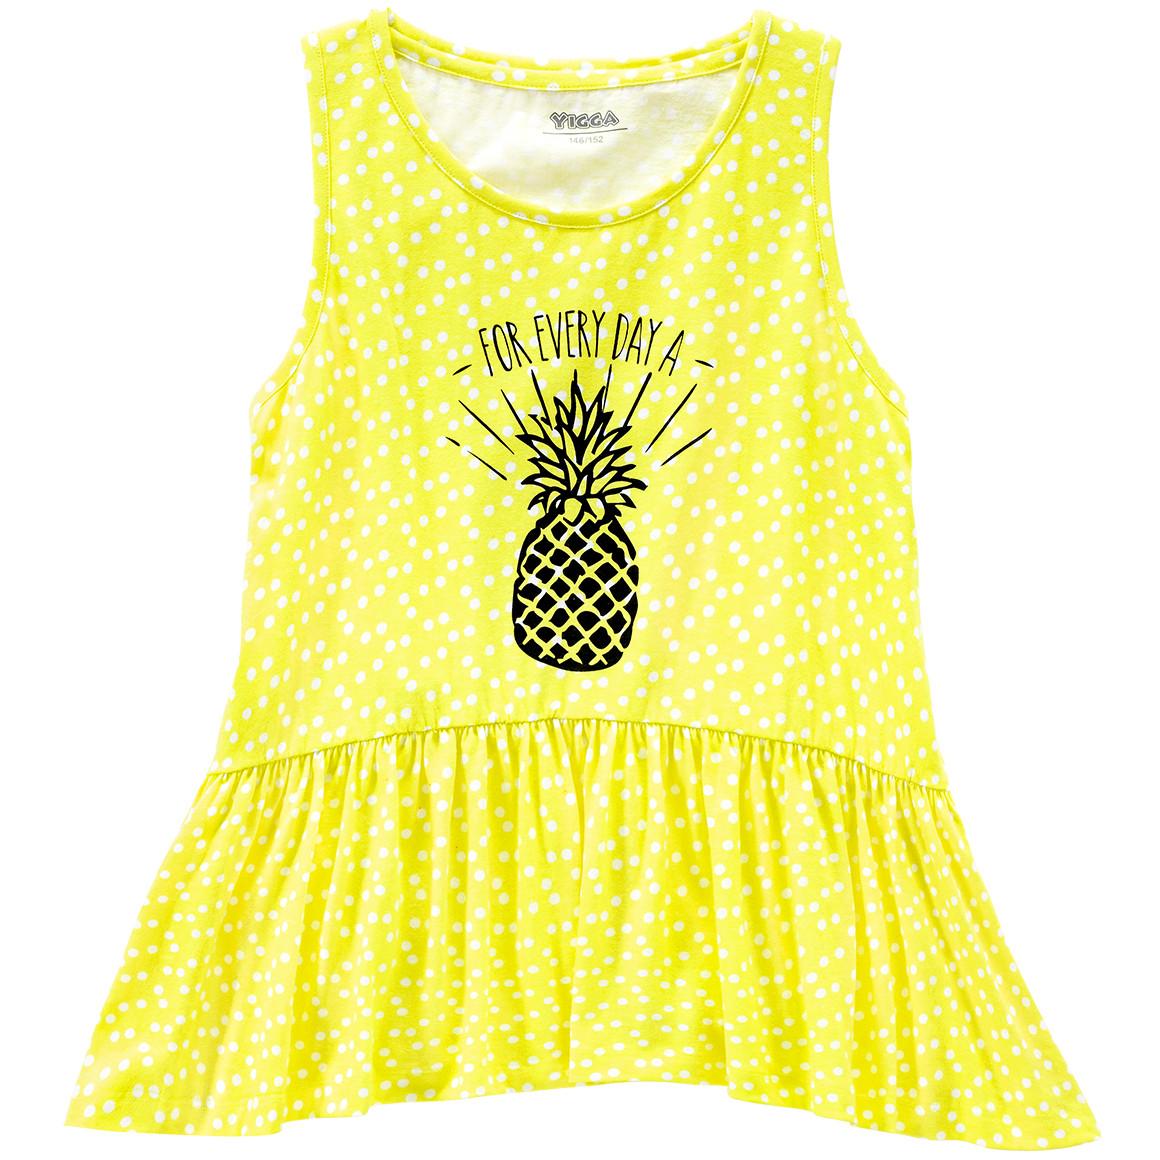 Mädchen Top mit Ananas Motiv